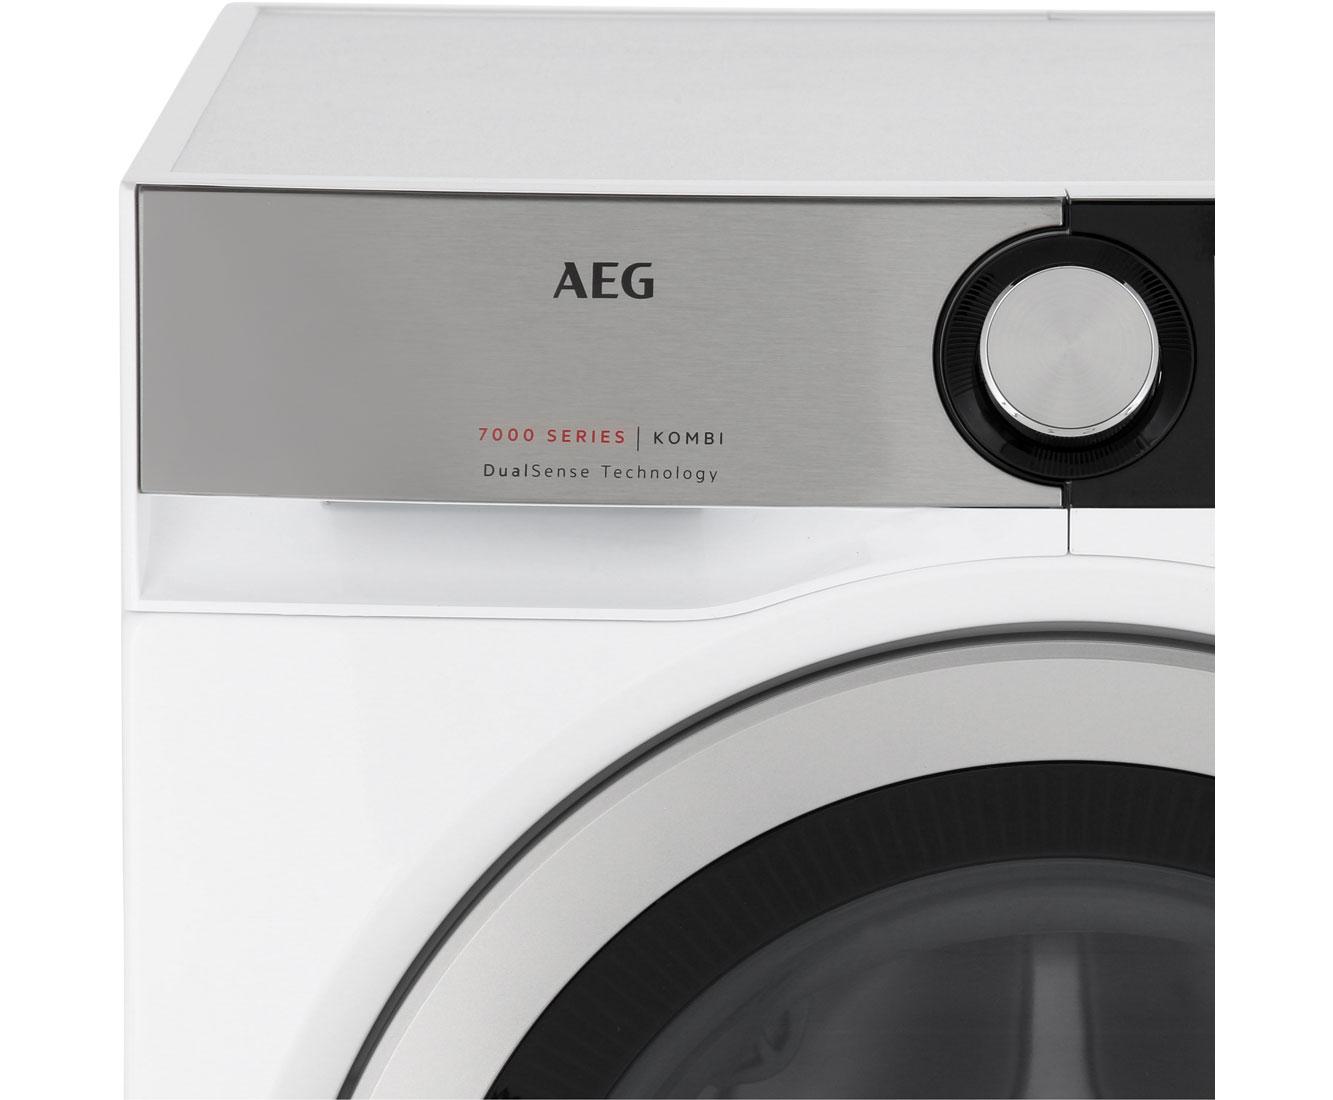 Aeg lavamat kombi l7we86605 waschtrockner 10 kg waschen 6 kg